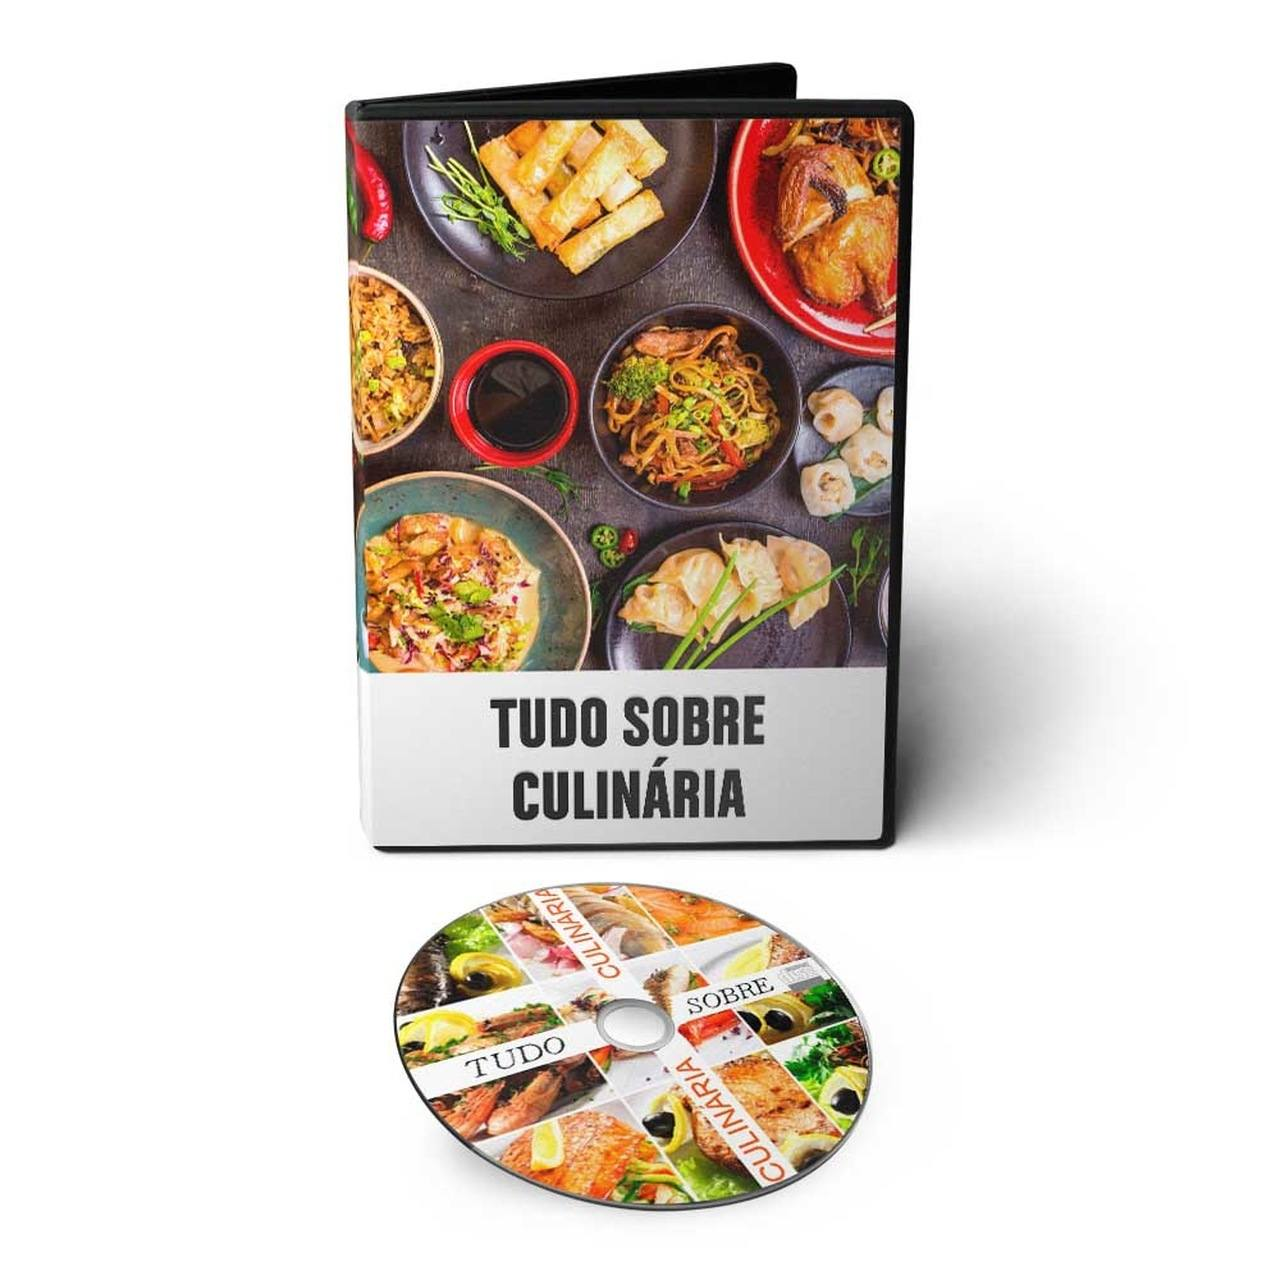 Tudo sobre Culinária + Milhares de Receitas em 02 DVDs